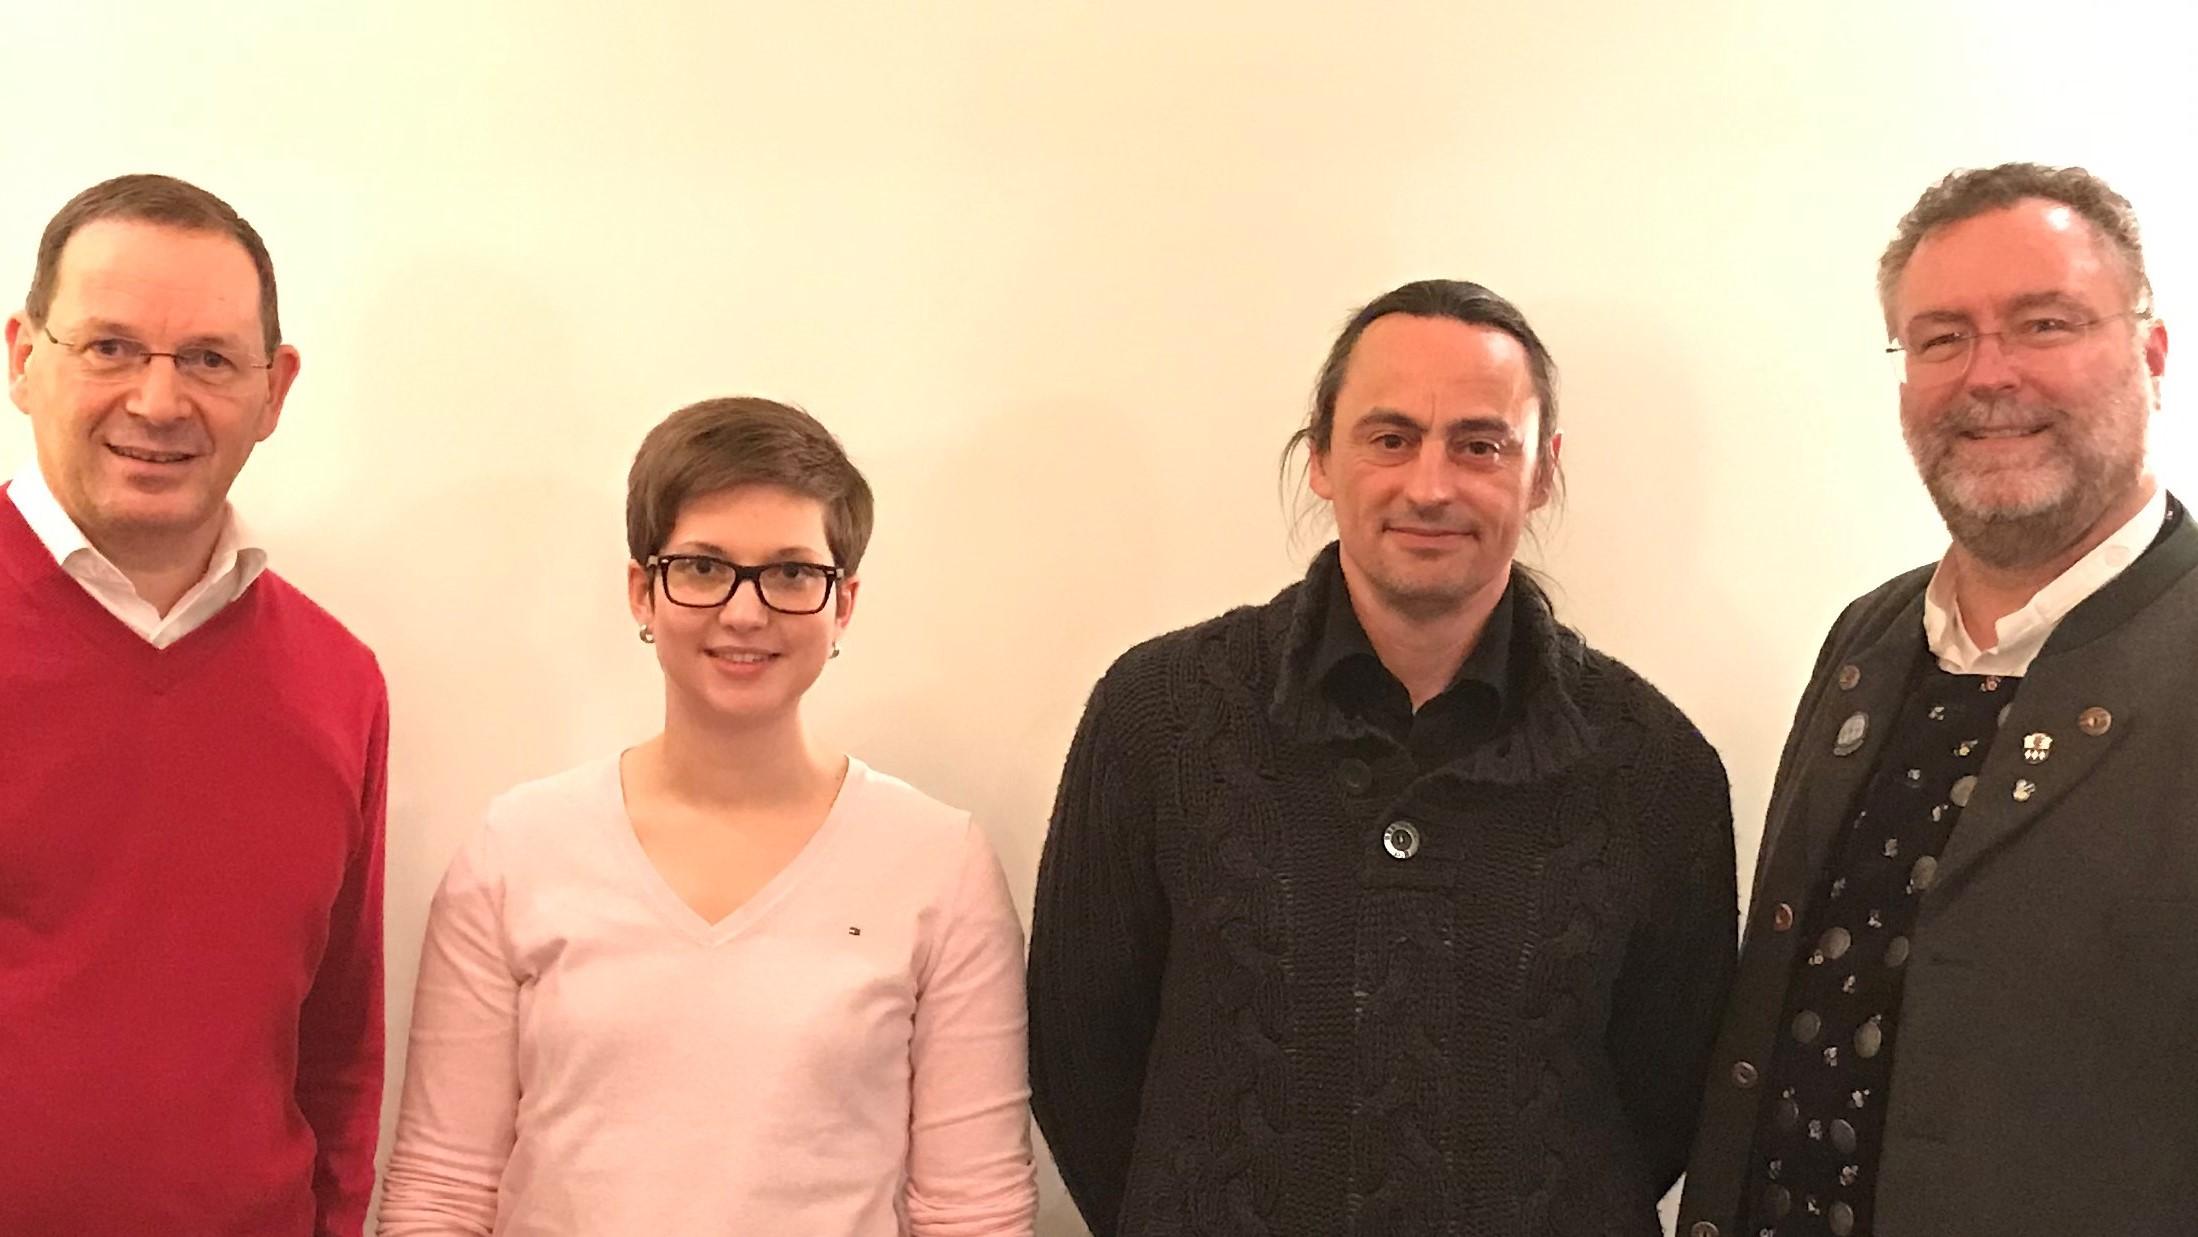 Vorstand des Ismaninger Sanitätsdienst Unterstützungsverein, Fried Saacke, Anja Brunner, Martin Waas und Präsident, Dr. Alexander Greulich.